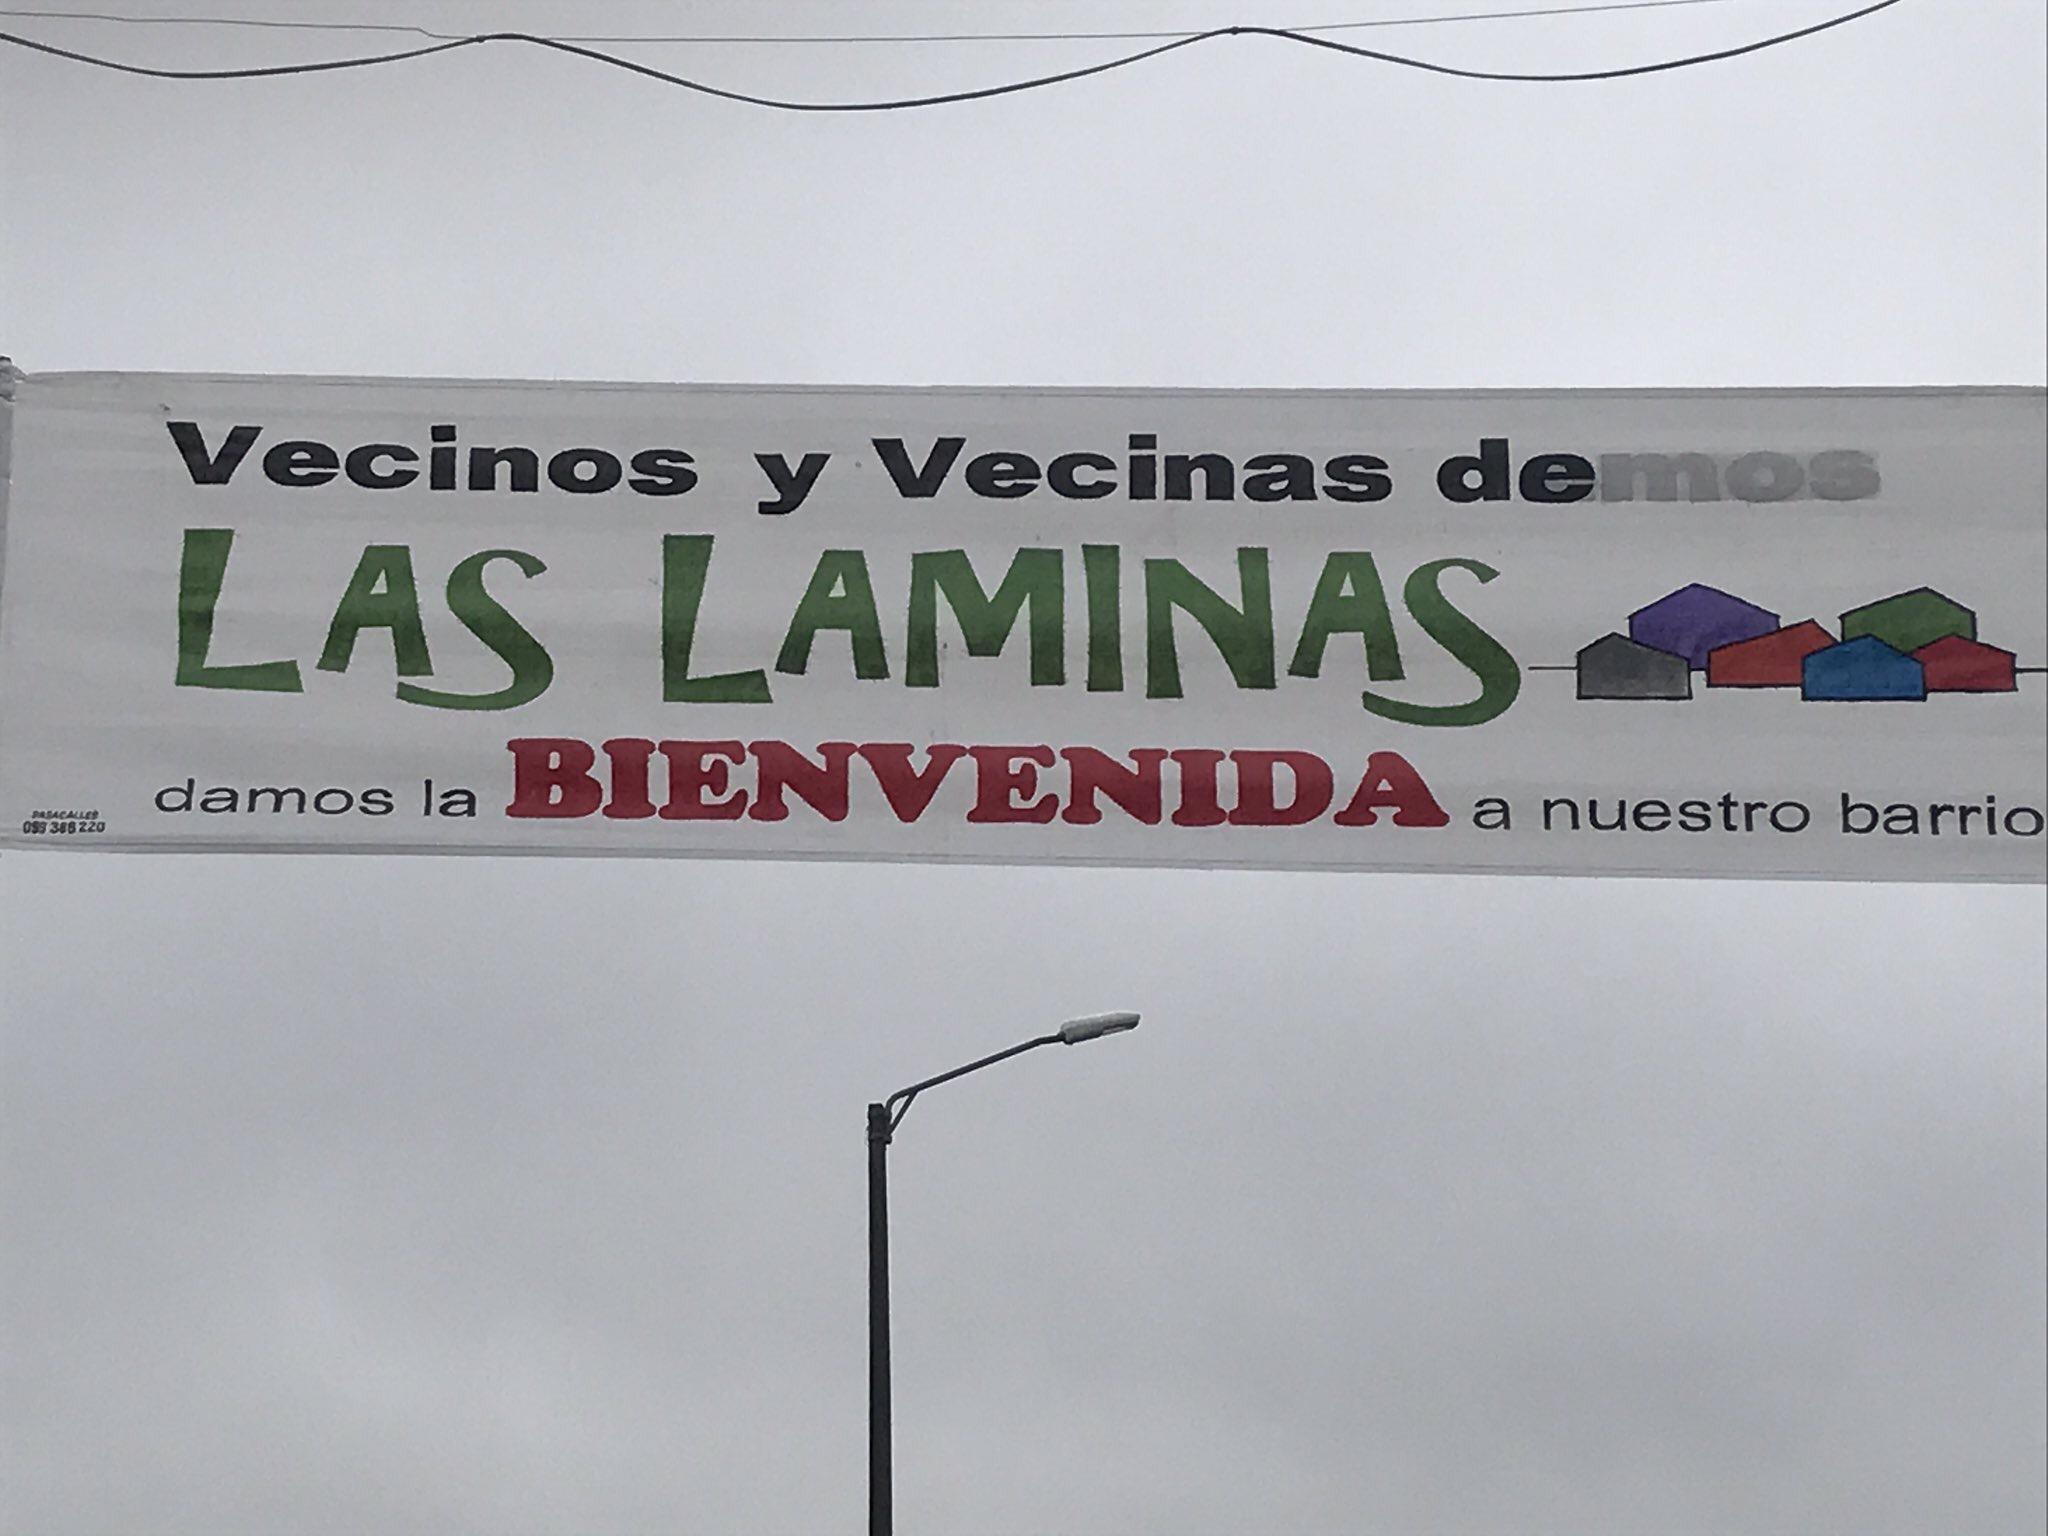 Se inauguró en Bella Unión el Barrio Las Laminas